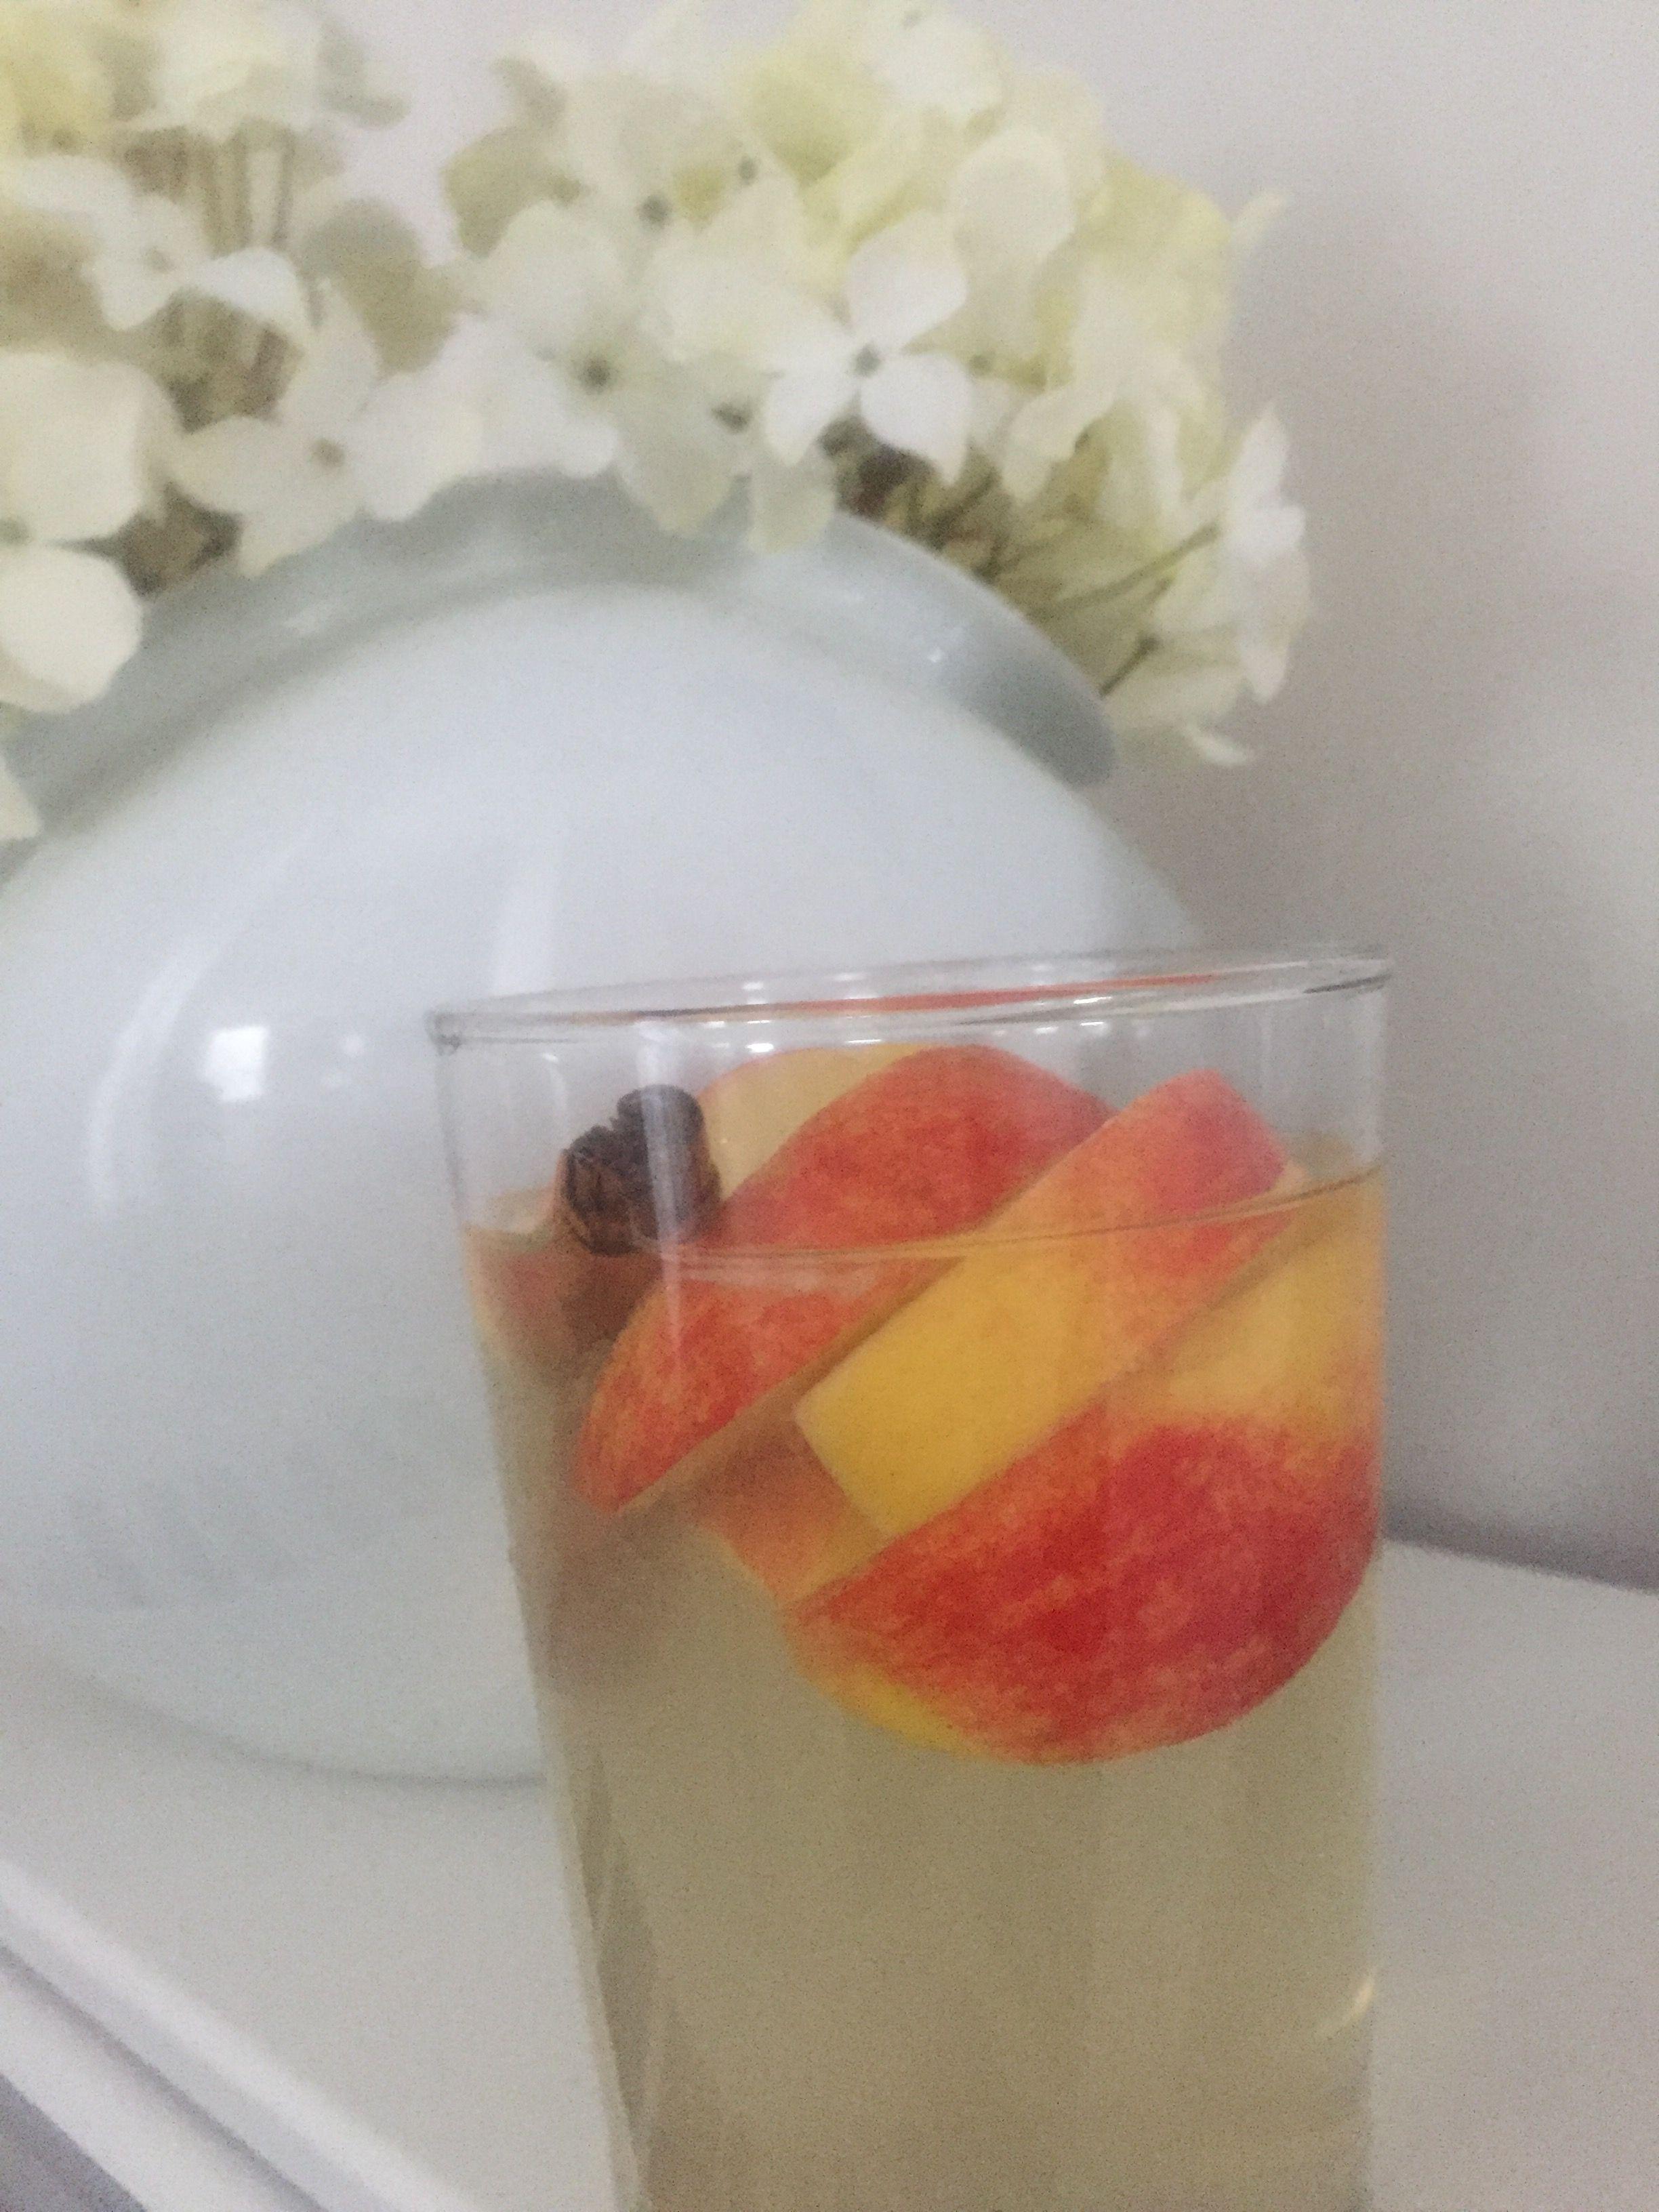 Jetzt schlank werden durch ein Supergetränk: 350ml Wasser   1 Tl frischen Zitronensaft  1-2El Apfelessig  1Tl Zimt   1/2 Tl Honig   Und die Scheiben eines halben Apfels     kurz stehen lassen für 10-15 min und es ist fertig ✅